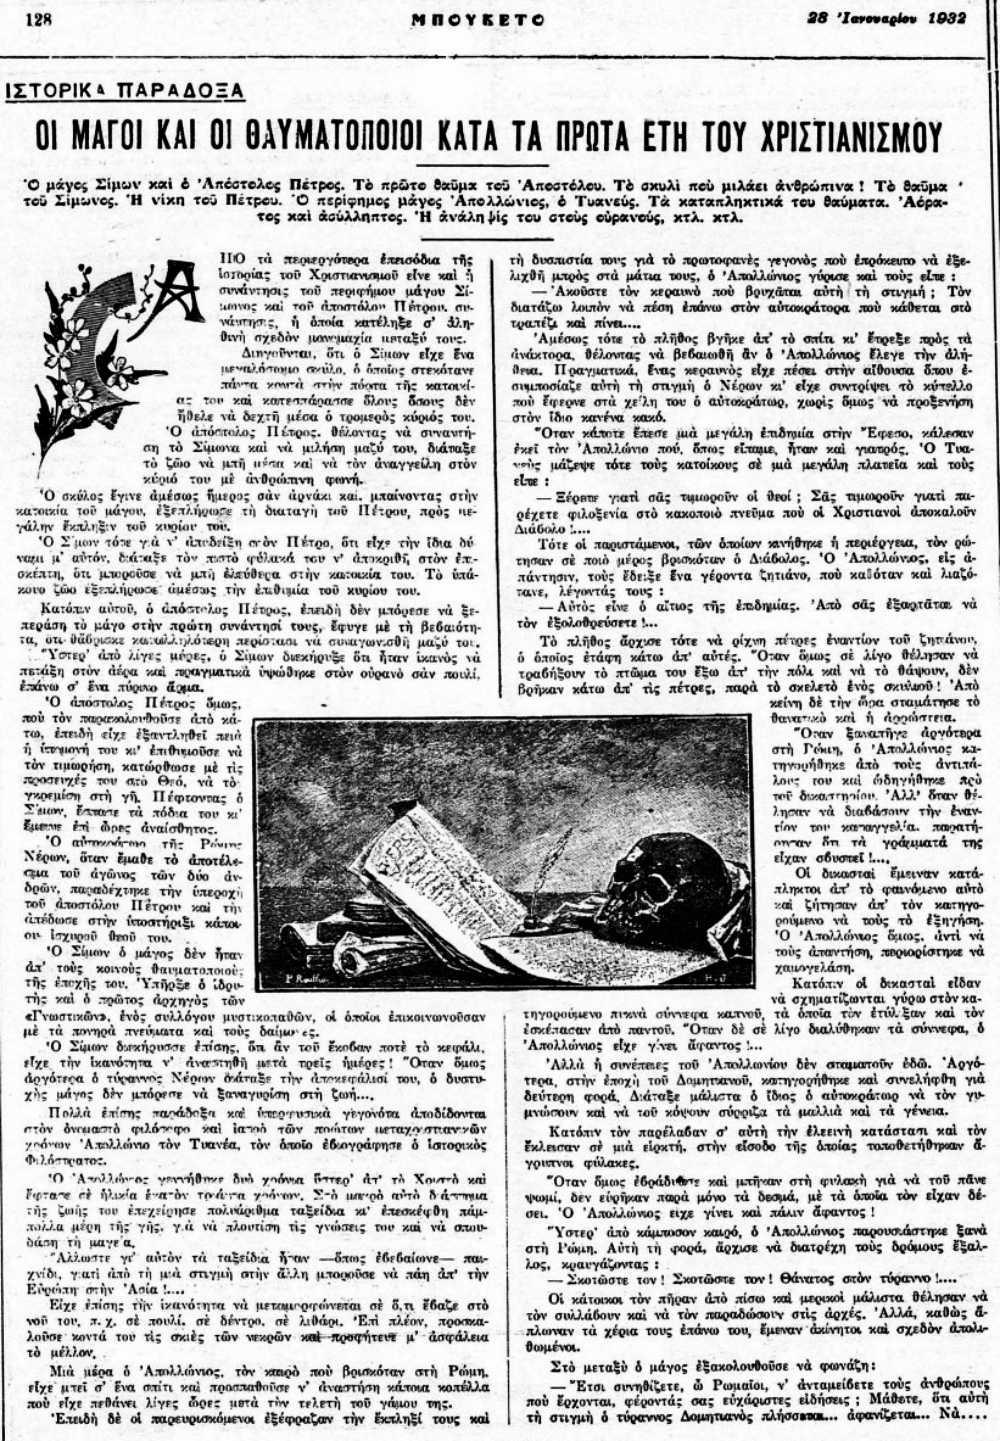 """Το άρθρο, όπως δημοσιεύθηκε στο περιοδικό """"ΜΠΟΥΚΕΤΟ"""", στις 28/01/1932"""